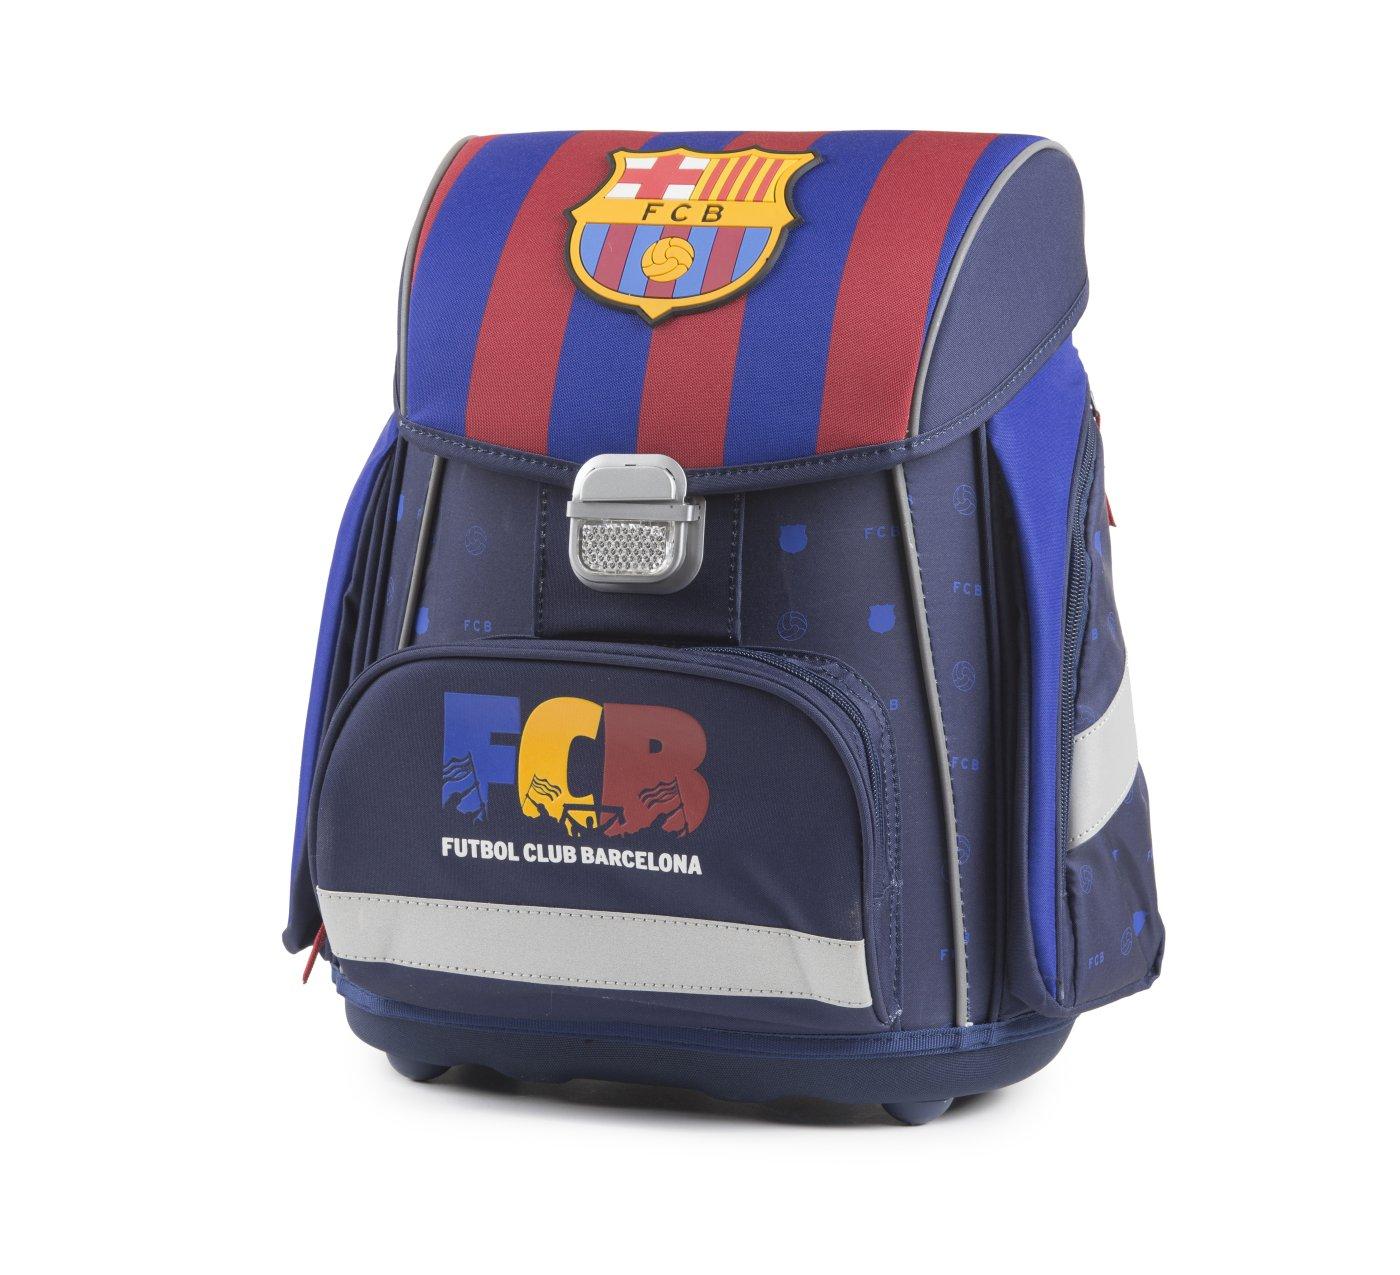 Školní batoh PREMIUM FC Barcelona - Školní potřeby » BATOHY A ... be8f15ccf6